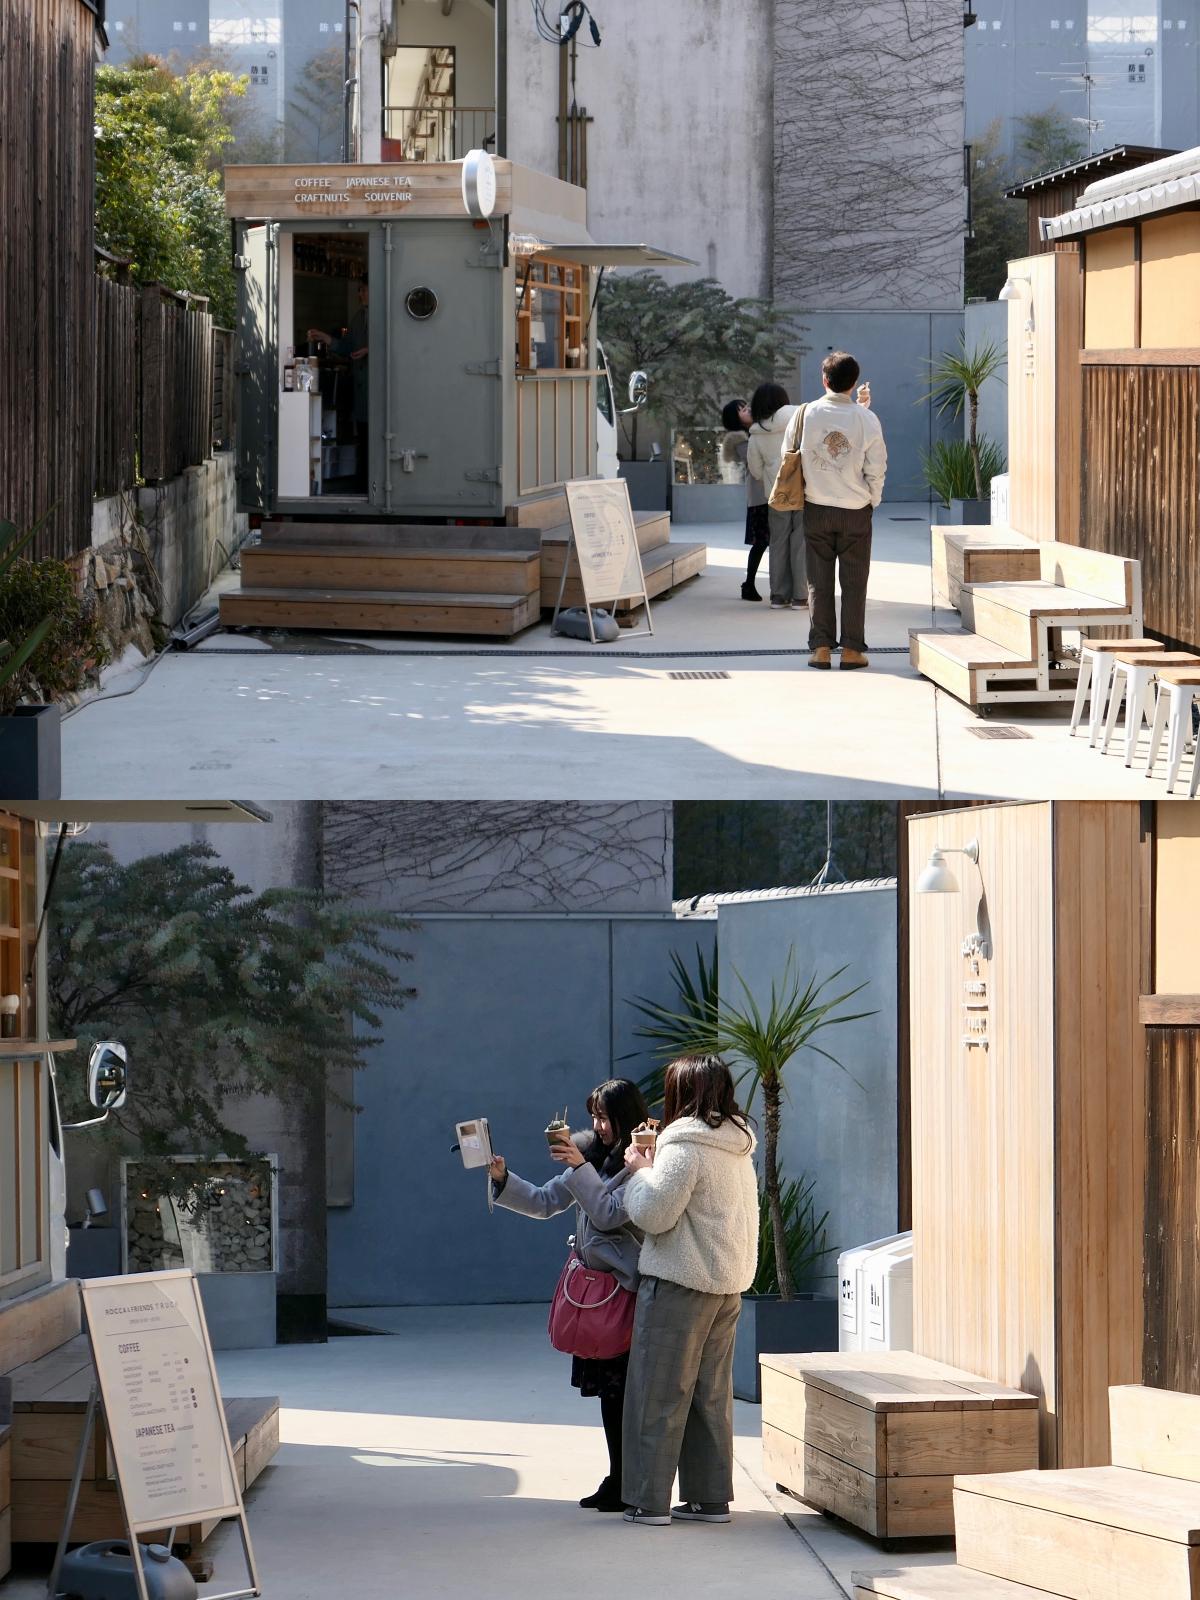 구석진 커피 트럭 앞에서 열심히 셀피를 찍는 관광객들 ©생각노트